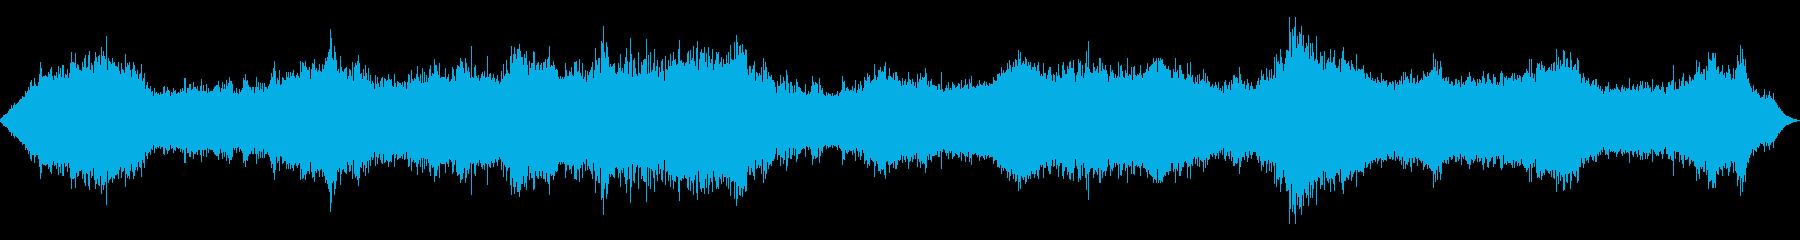 シーオーシャンストーム1-ヘビーウ...の再生済みの波形